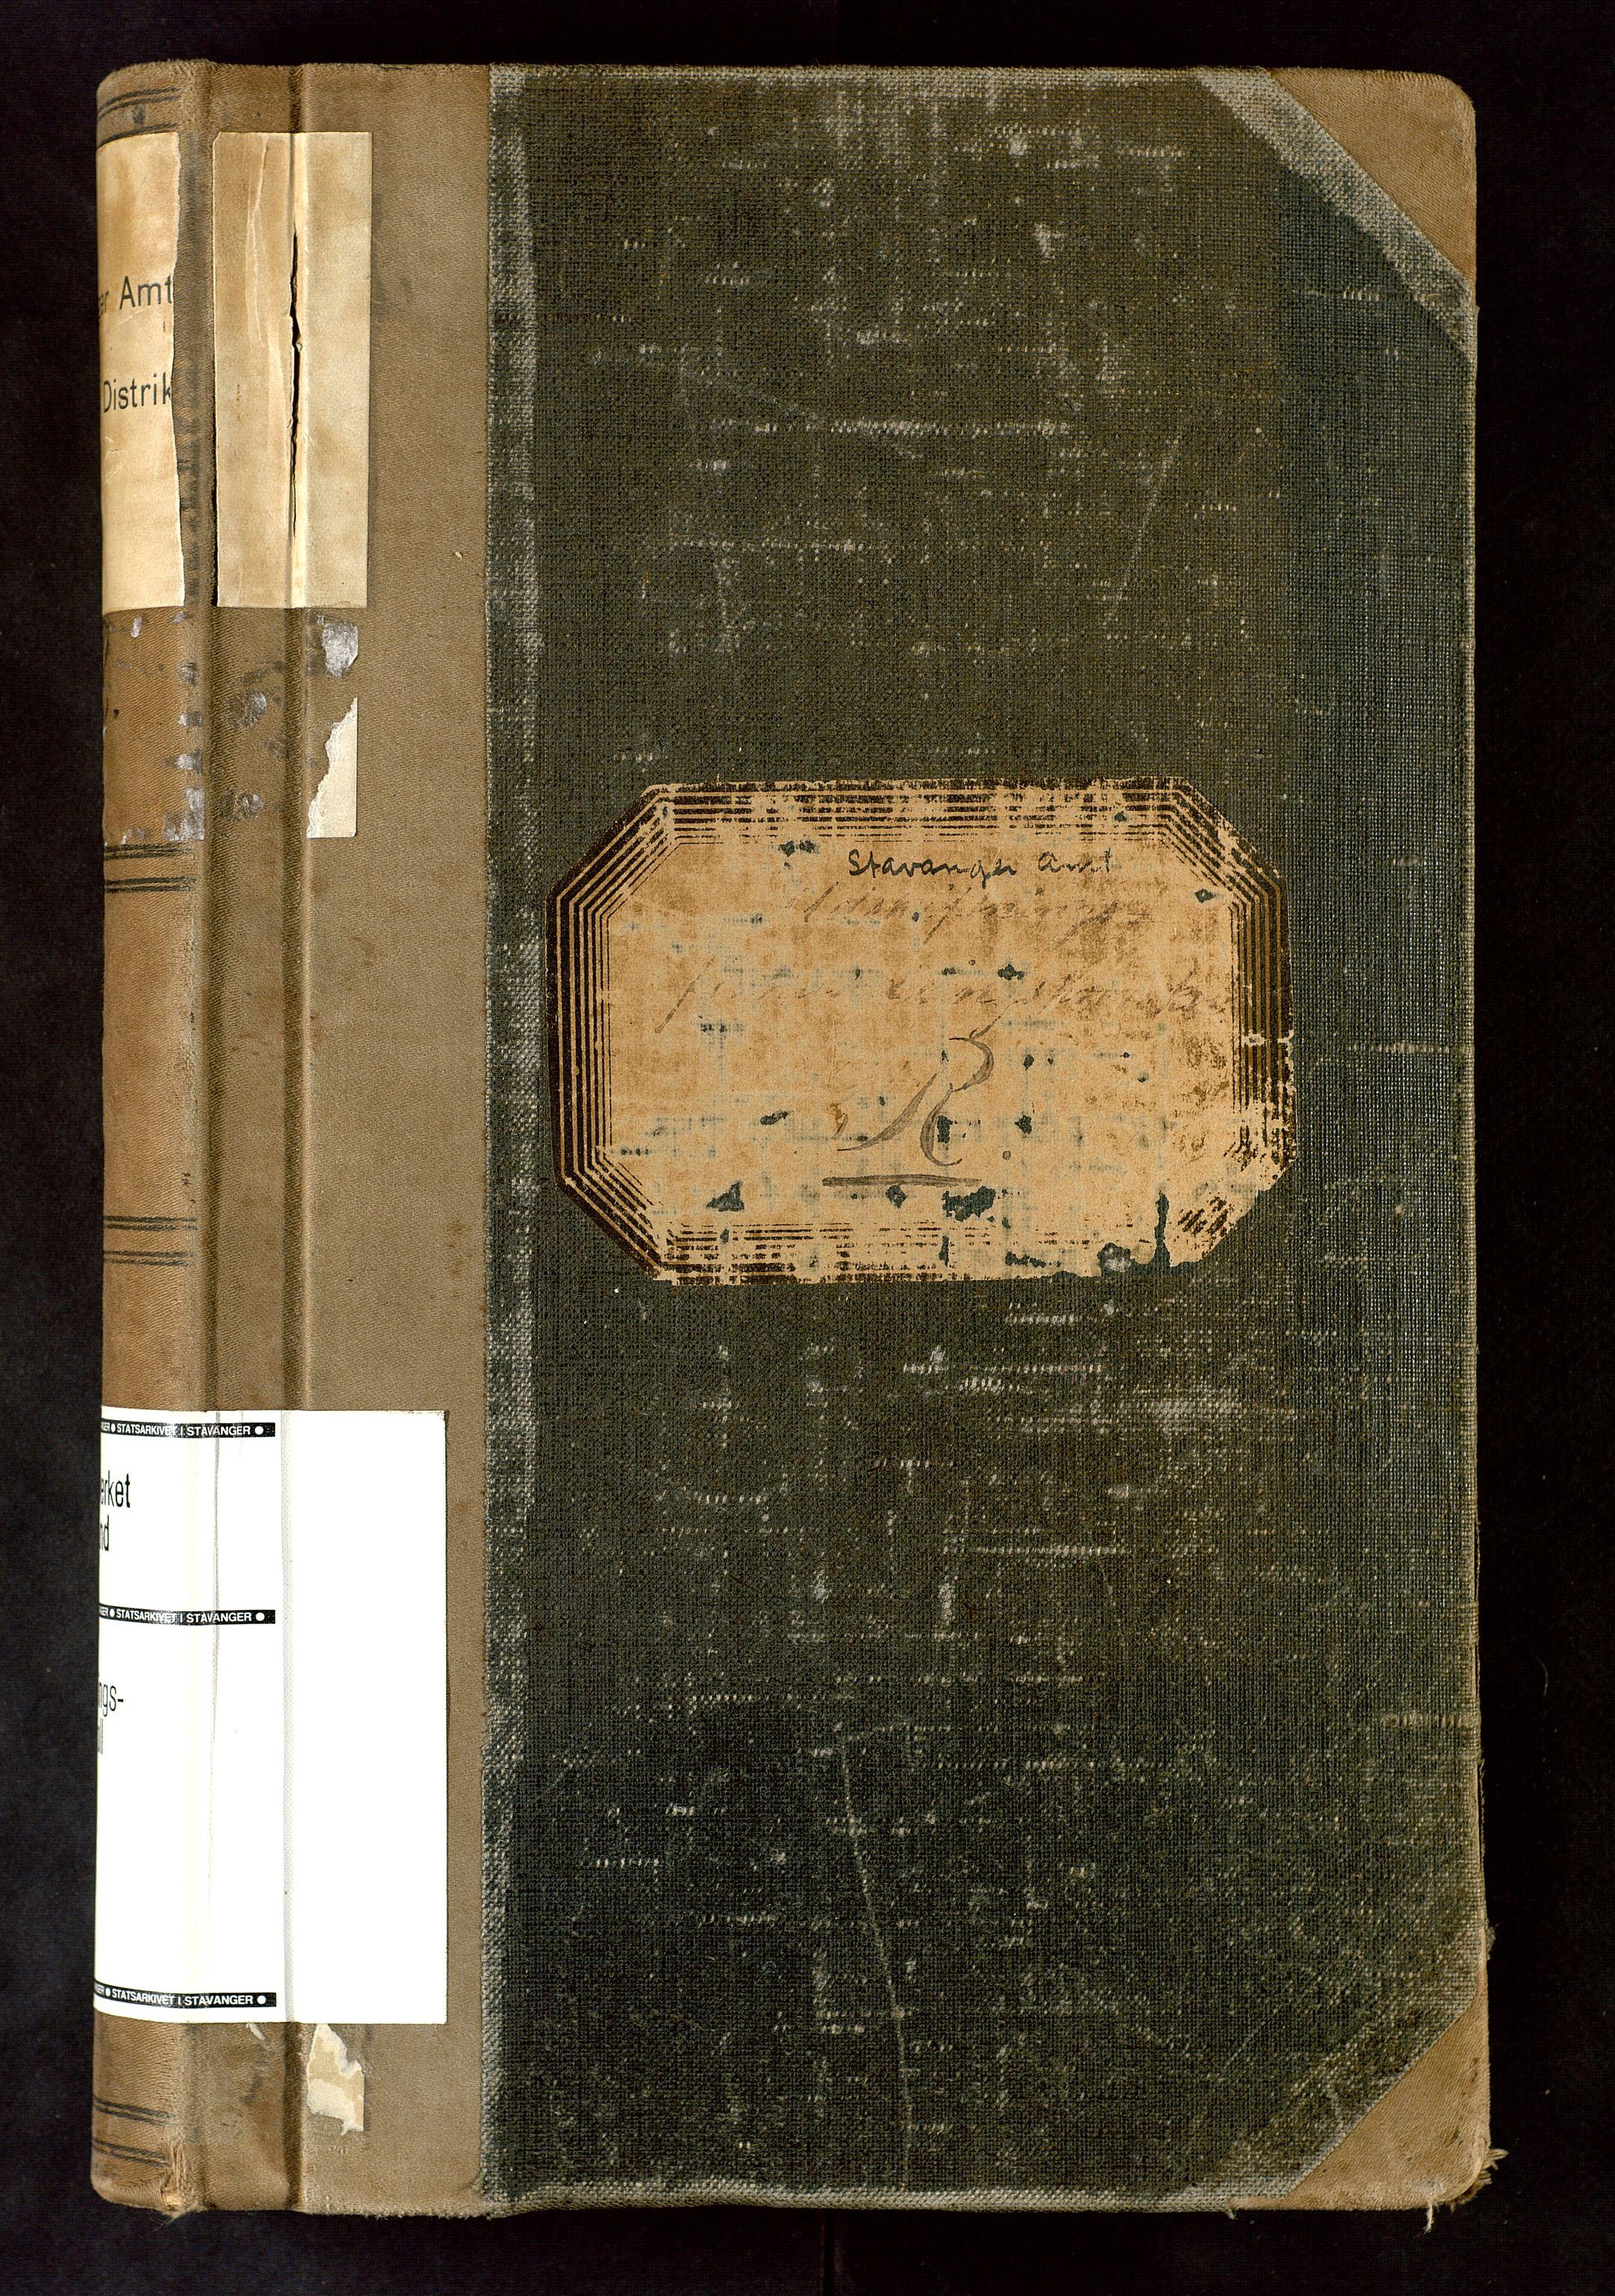 SAST, Rogaland jordskifterett, Oa/L0051: Forhandlingsprotokoll, 1894-1897